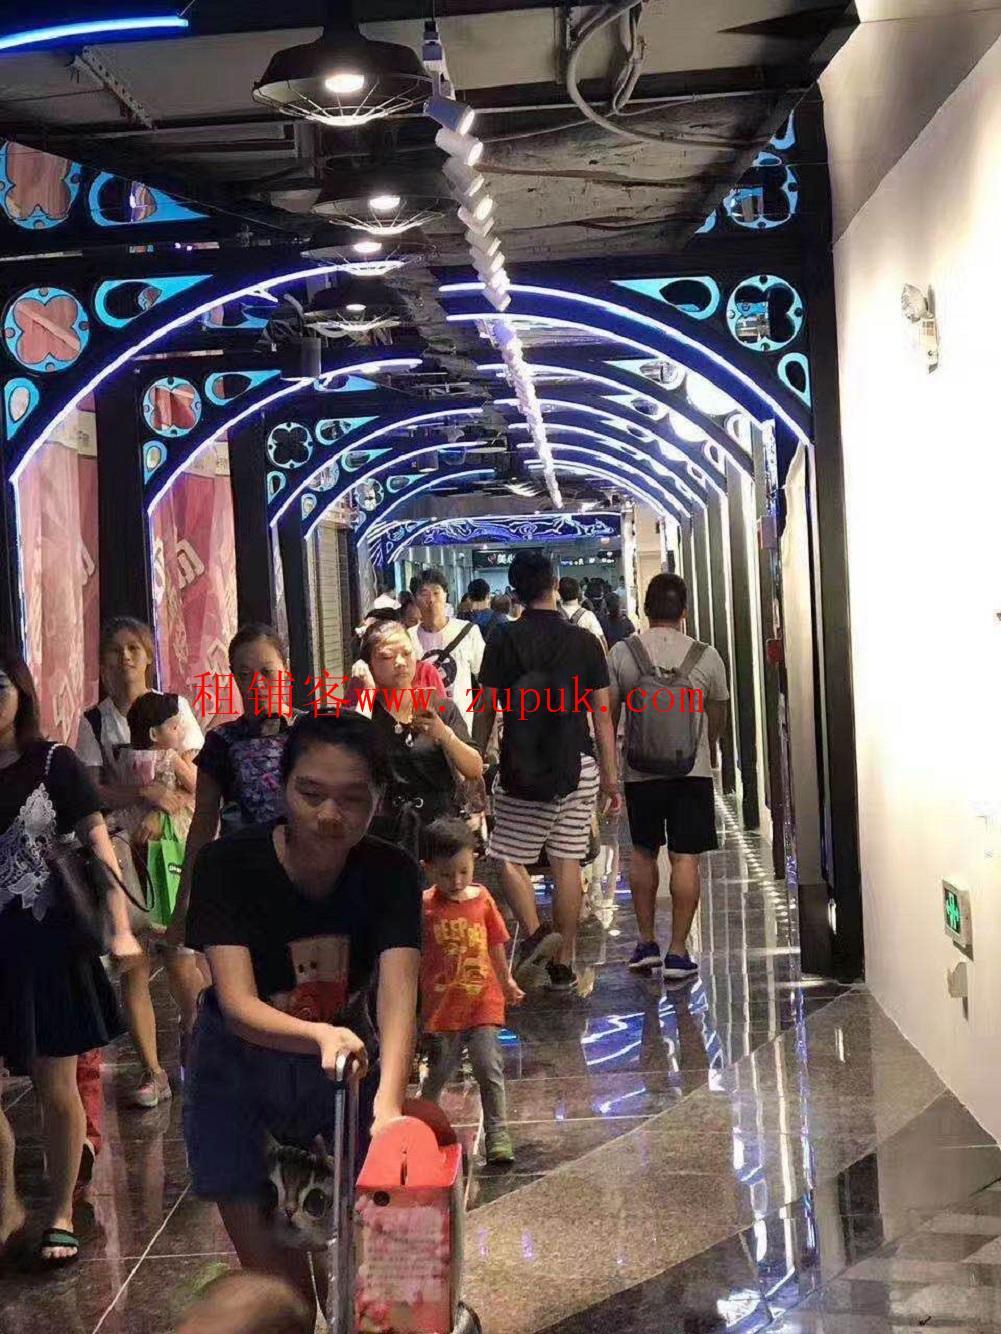 荔湾区芳村地铁口,全天客流不断,靓位不多,不可明火。